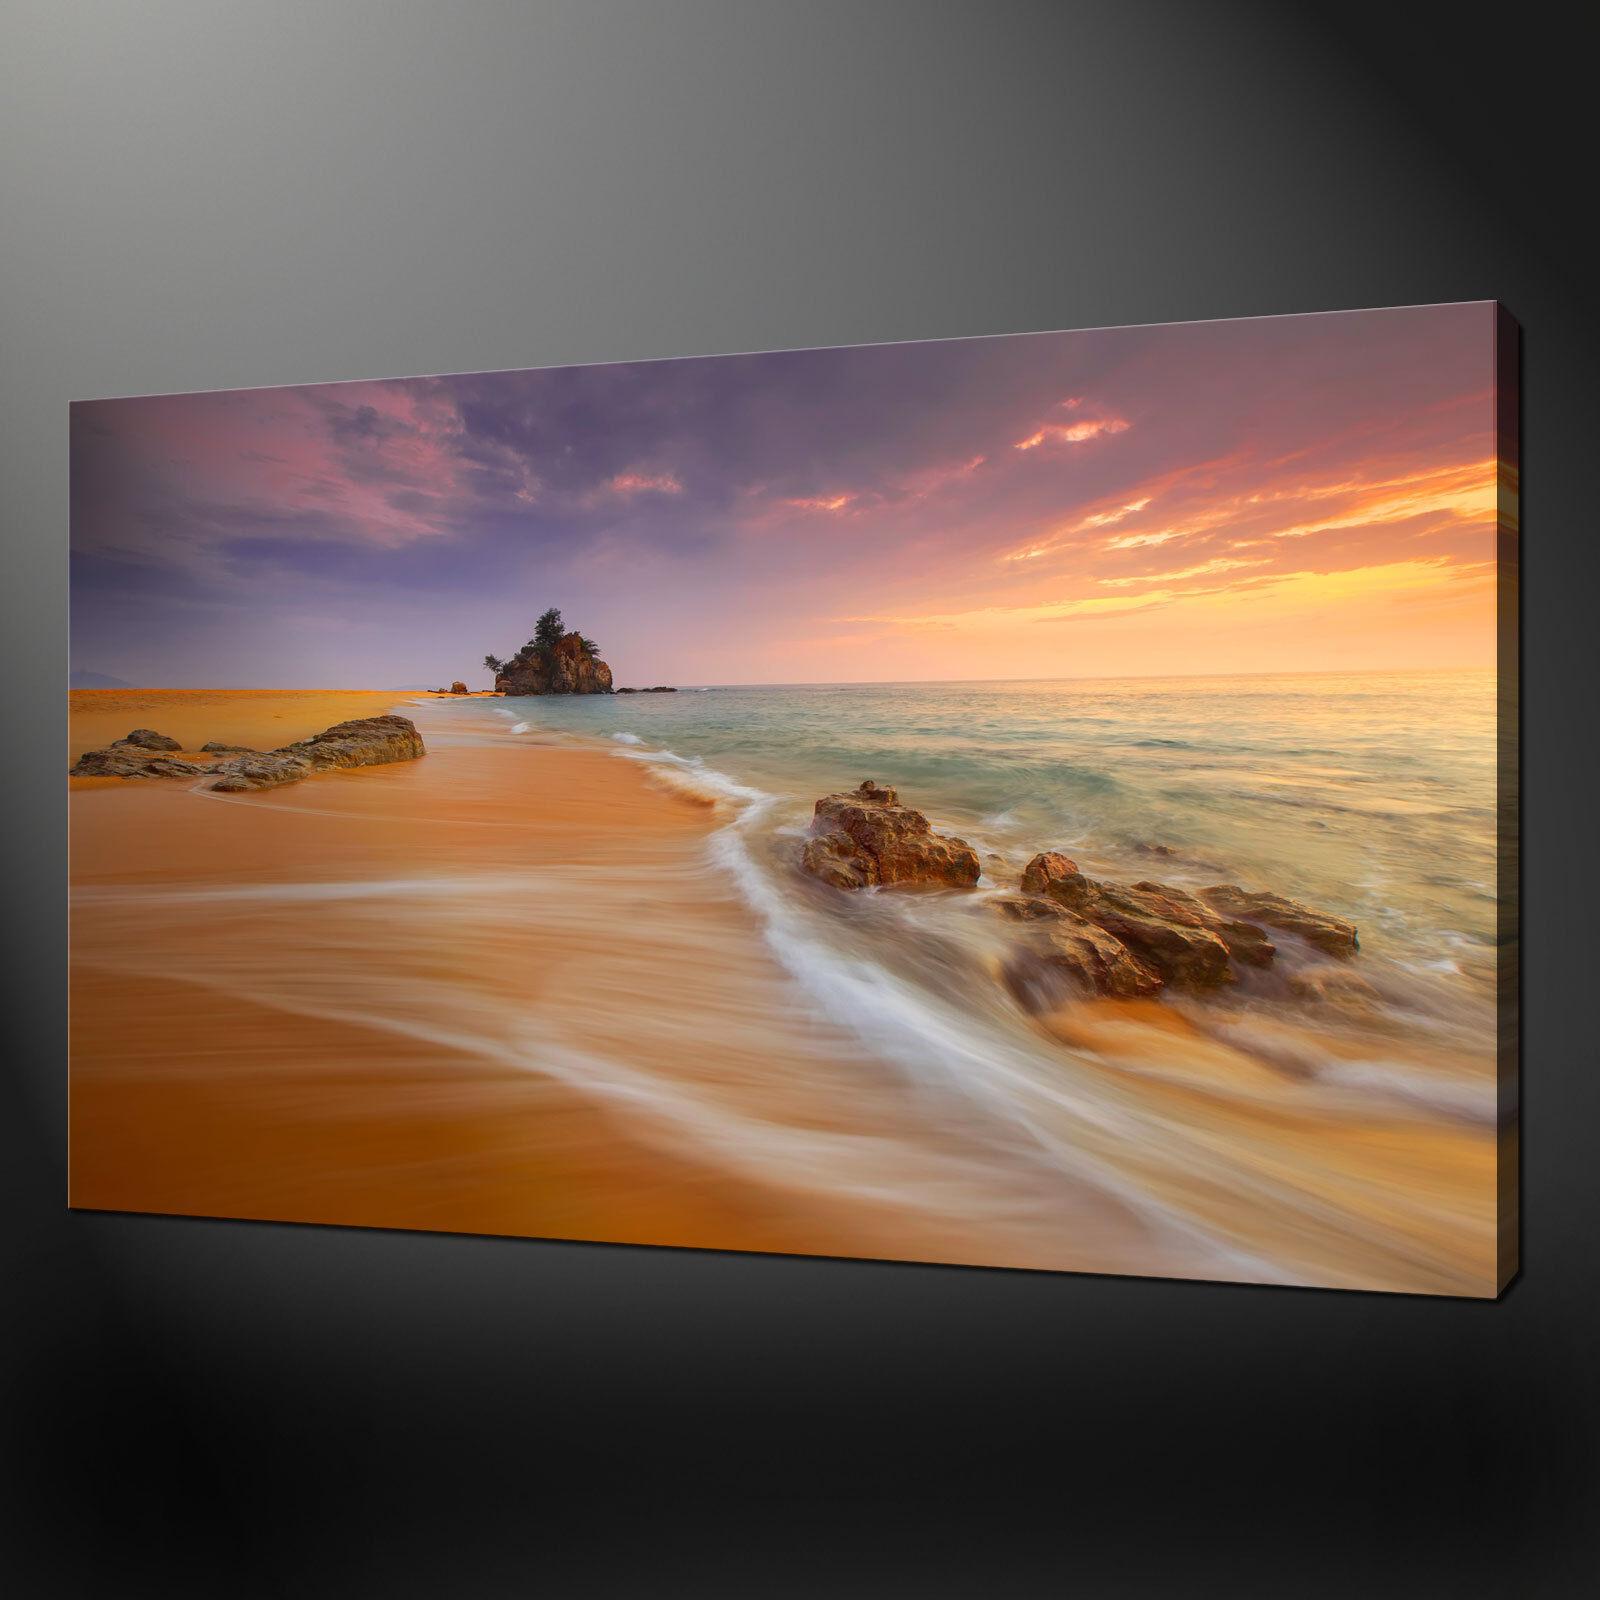 Calma SPIAGGIA SABBIOSA Foto Su Tela Stampa Wall Art Home Decor libero consegna veloce